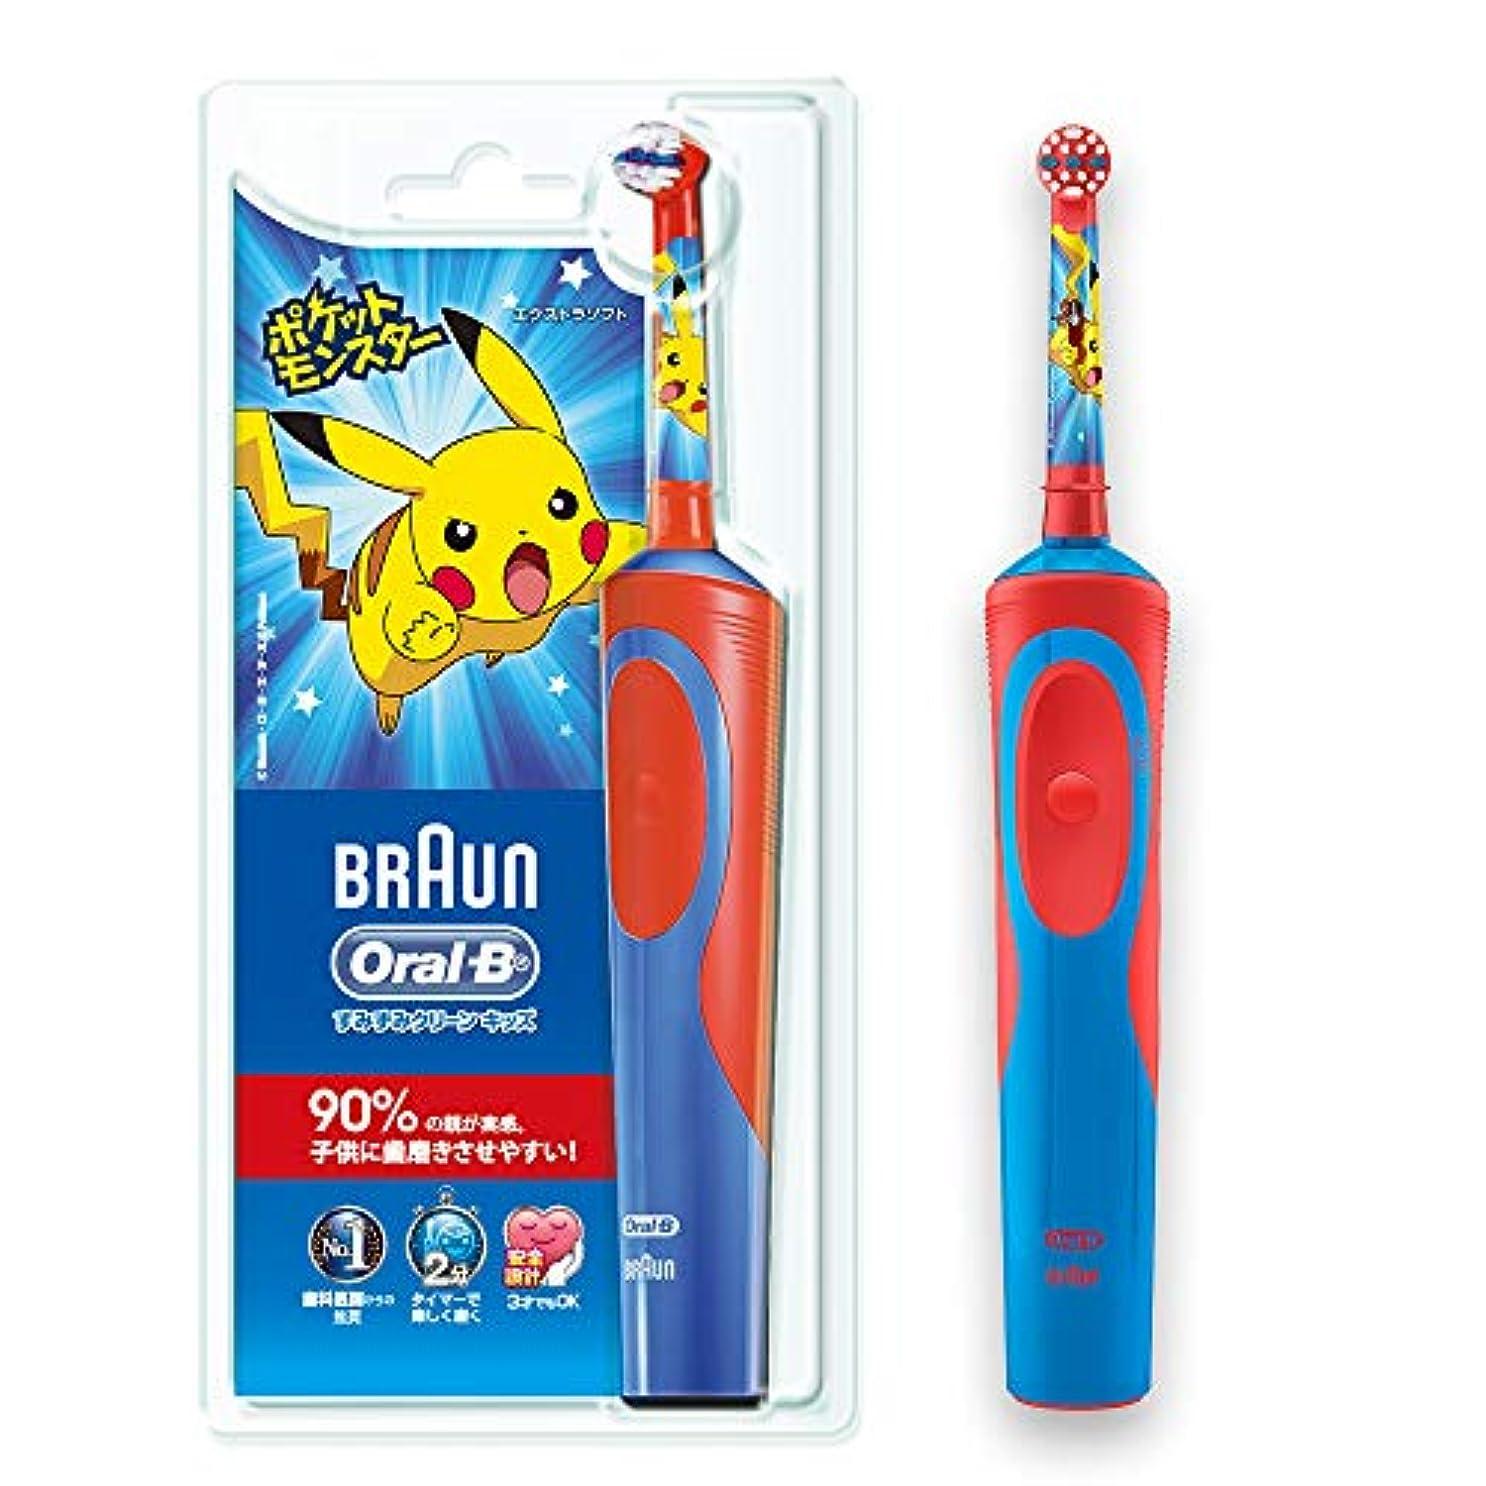 あなたのもの汚れたウルルブラウン オーラルB 電動歯ブラシ 子供用 D12513KPKMB すみずみクリーンキッズ 本体 レッド ポケモン 歯ブラシ